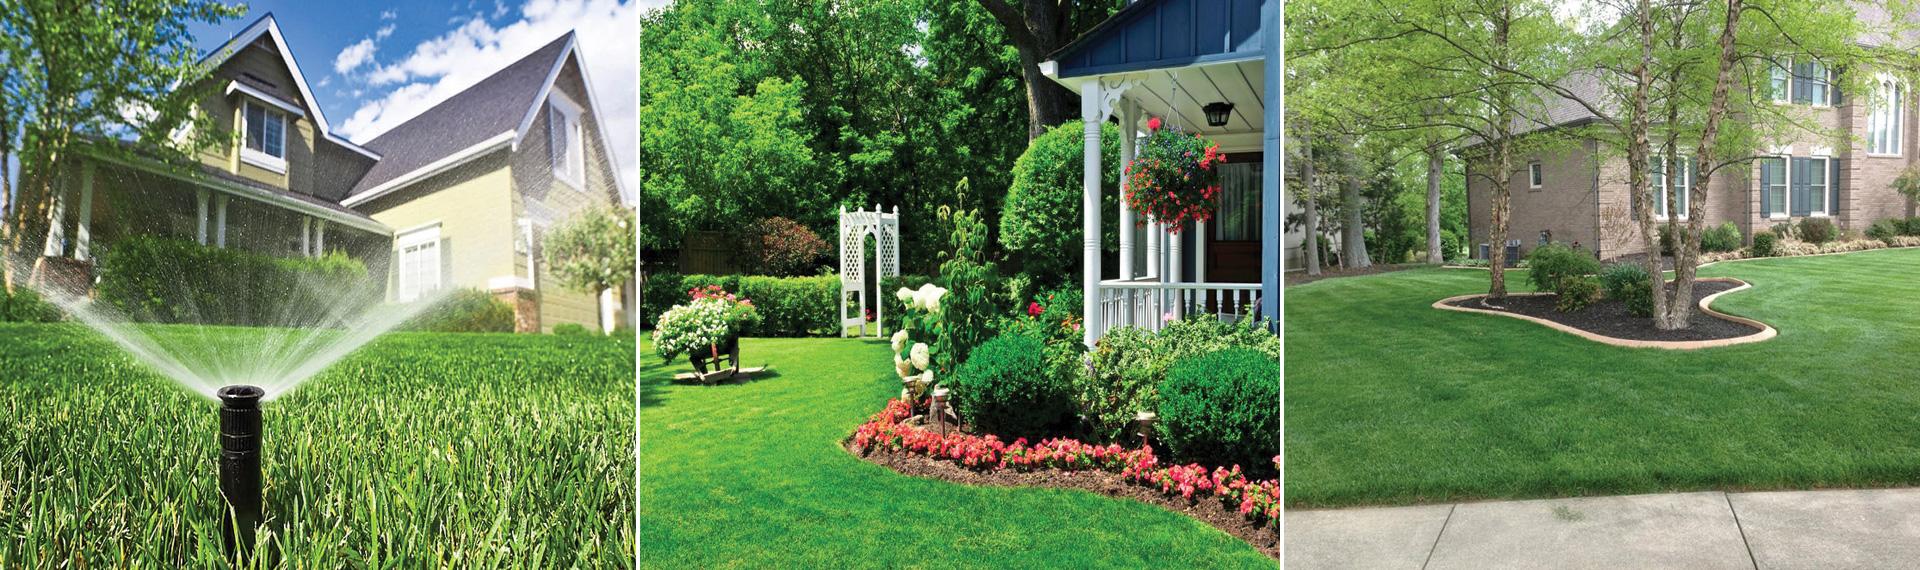 Blossom Gardening & Landscaping Aspen CO